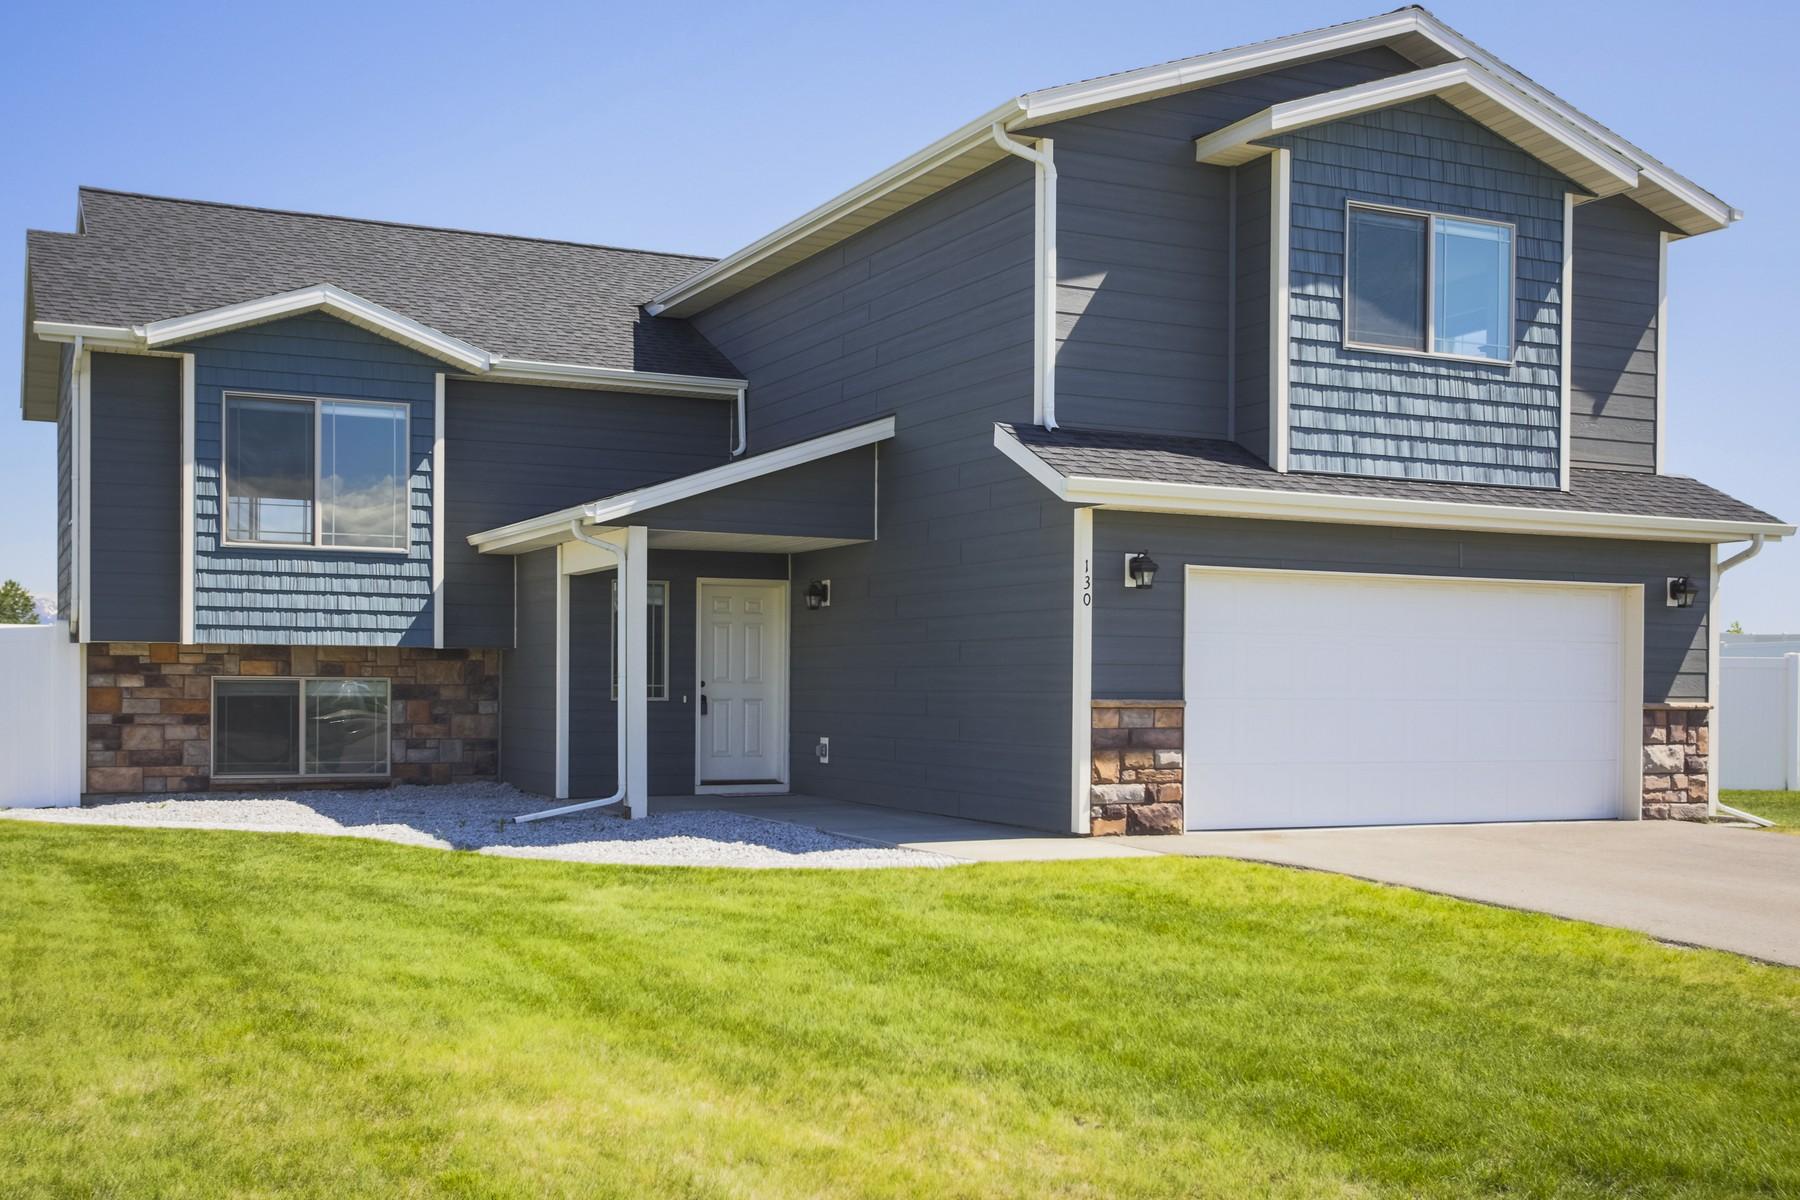 Casa para uma família para Venda às 130 Snowcrest Court Kalispell, Montana 59901 Estados Unidos